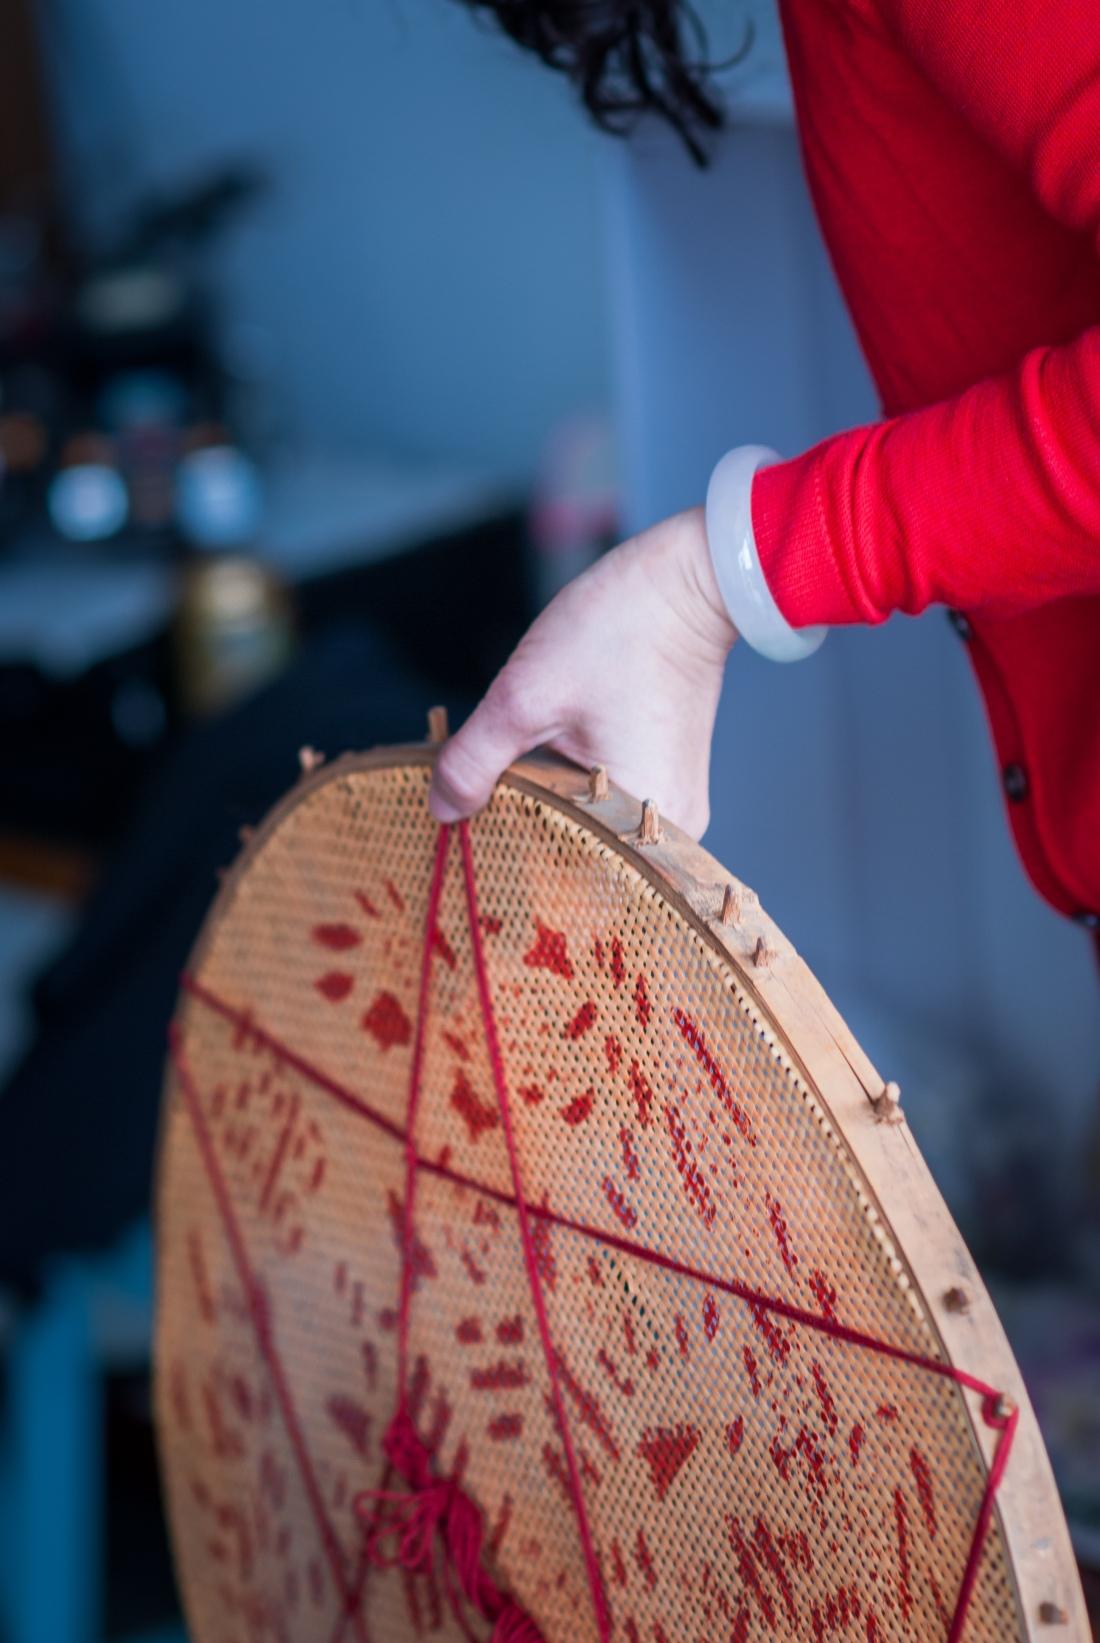 媒婆手拿的米篩(米胎)的特寫局部照片,其實新娘在溝通時就很希望小呂能拍攝多點特寫照,當天花了滿多時間在拍攝局部照